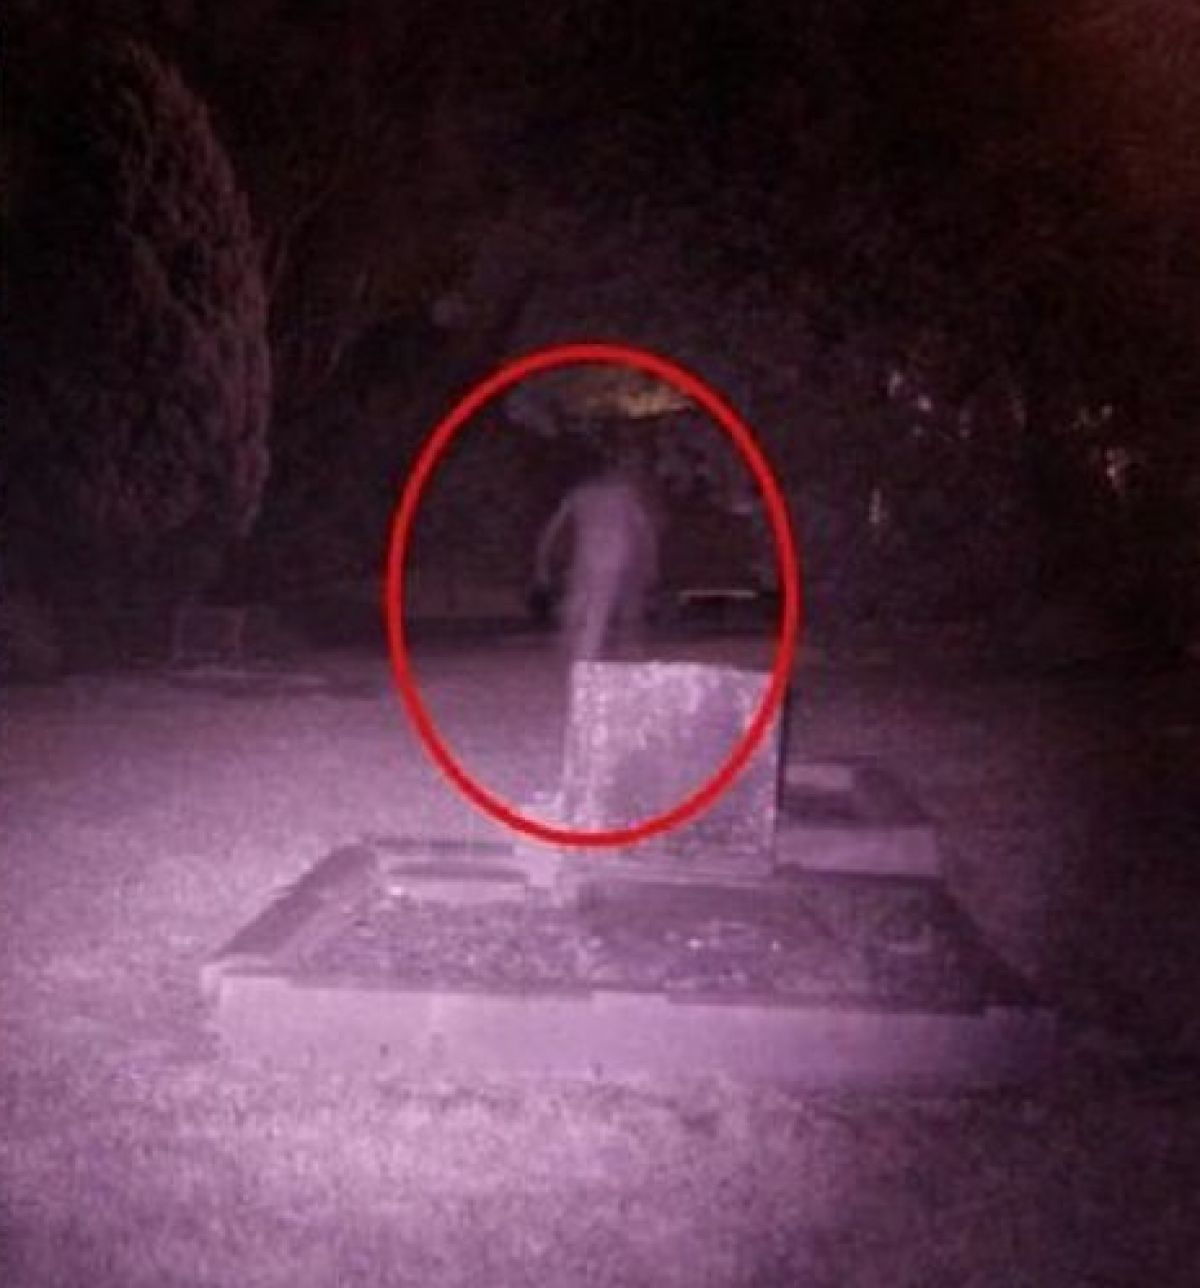 Пришелец разрыл десятки могил на подмосковном кладбище и забрал с собой трупы, есть фото злодея